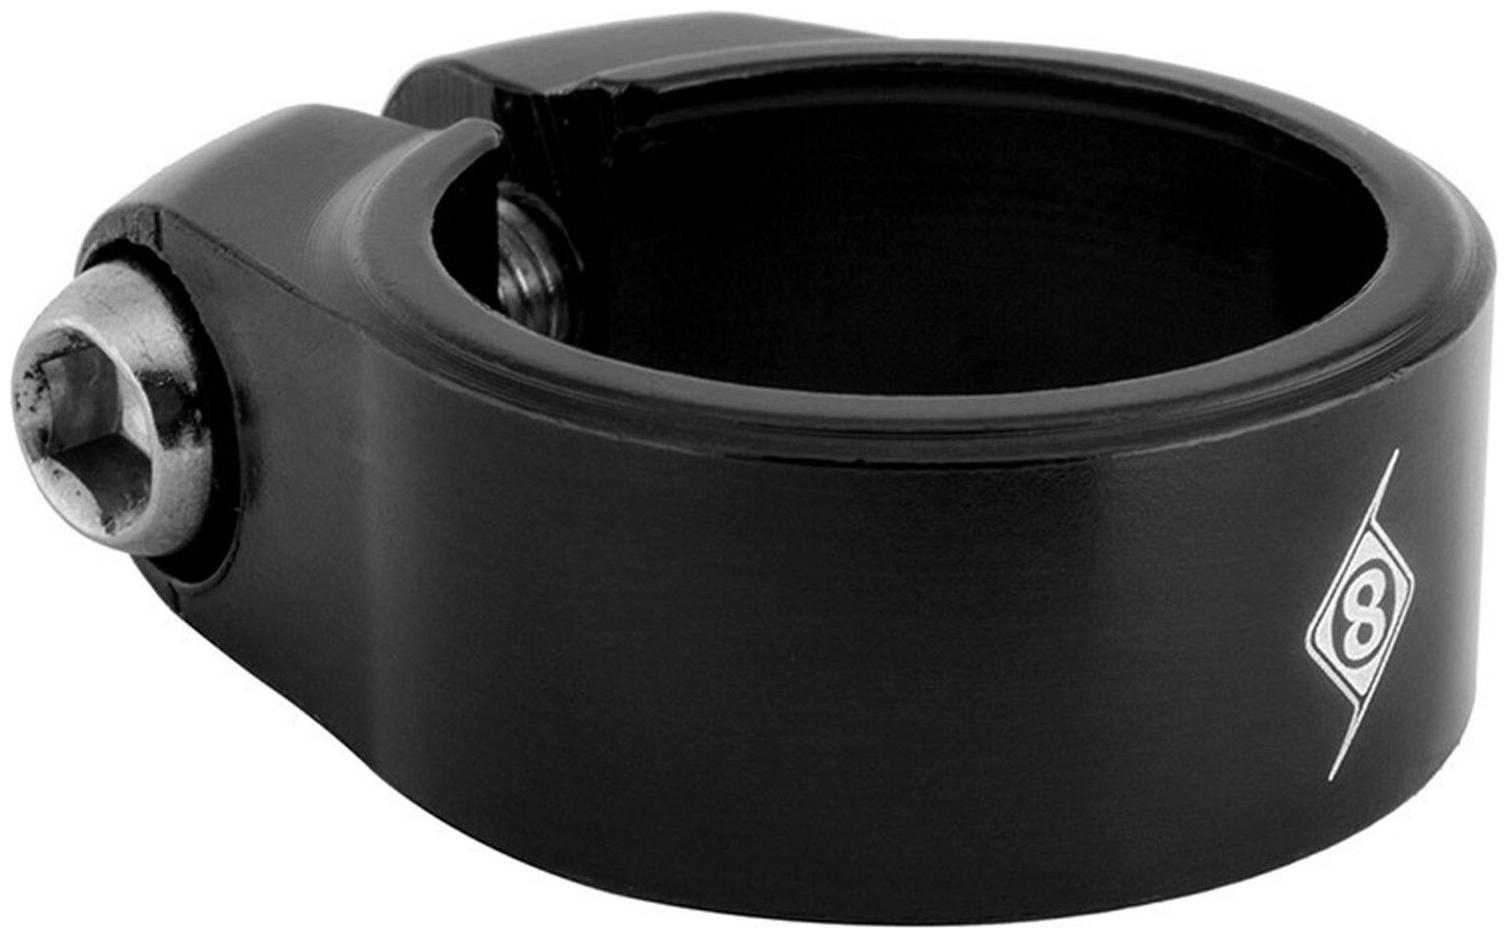 Al6061-T6 Origin8 Pro-Fit Seatpost Clamp Seatposts Black 29.8Mm